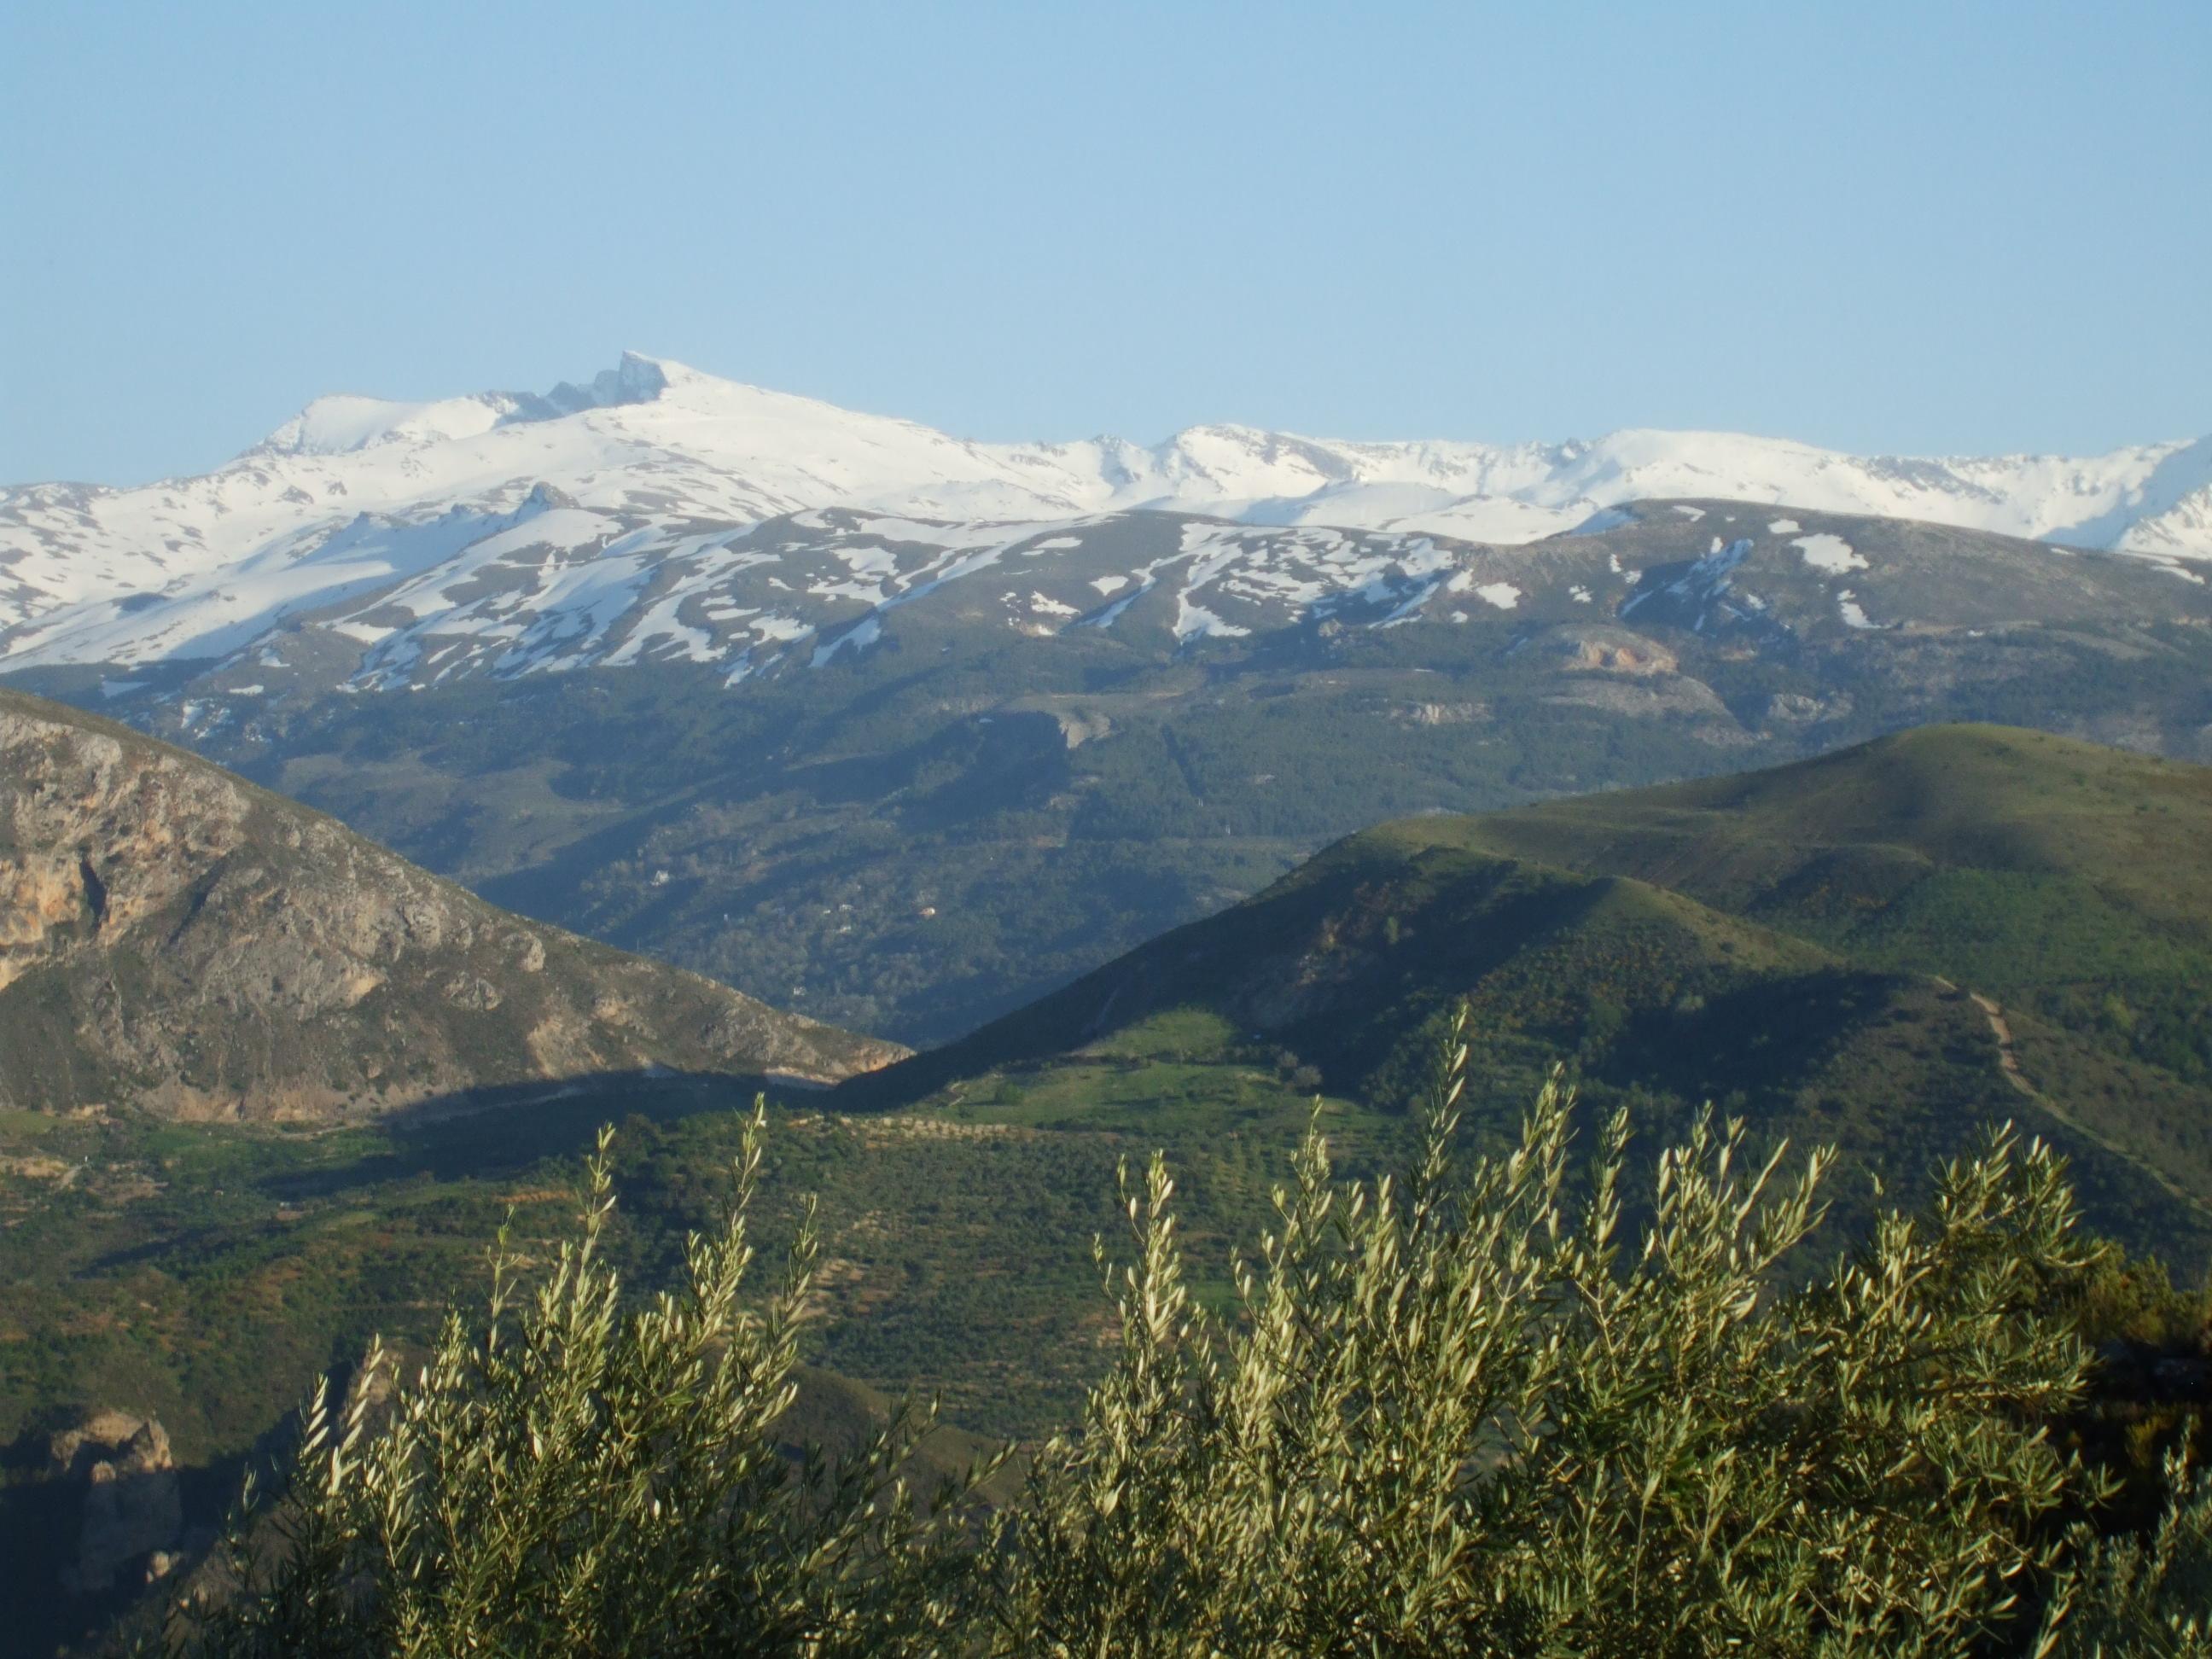 Pico_del_Veleta_Sierra_Nevada